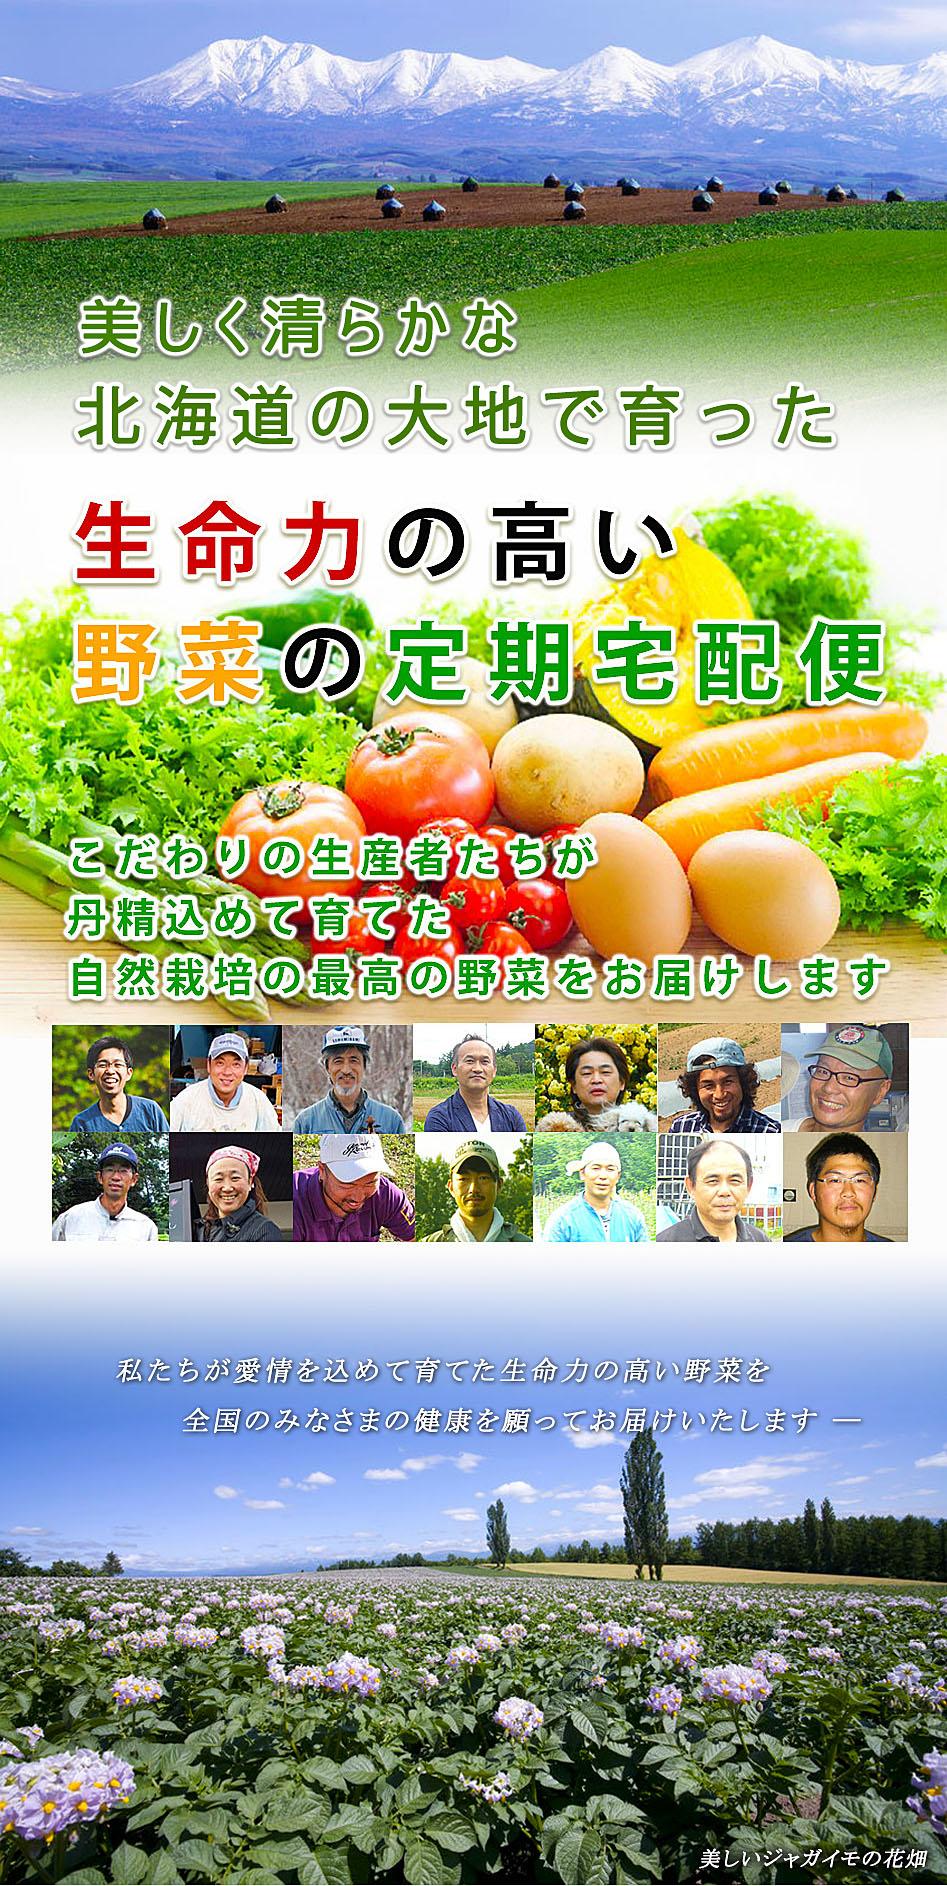 無肥料無農薬野菜の宅配便